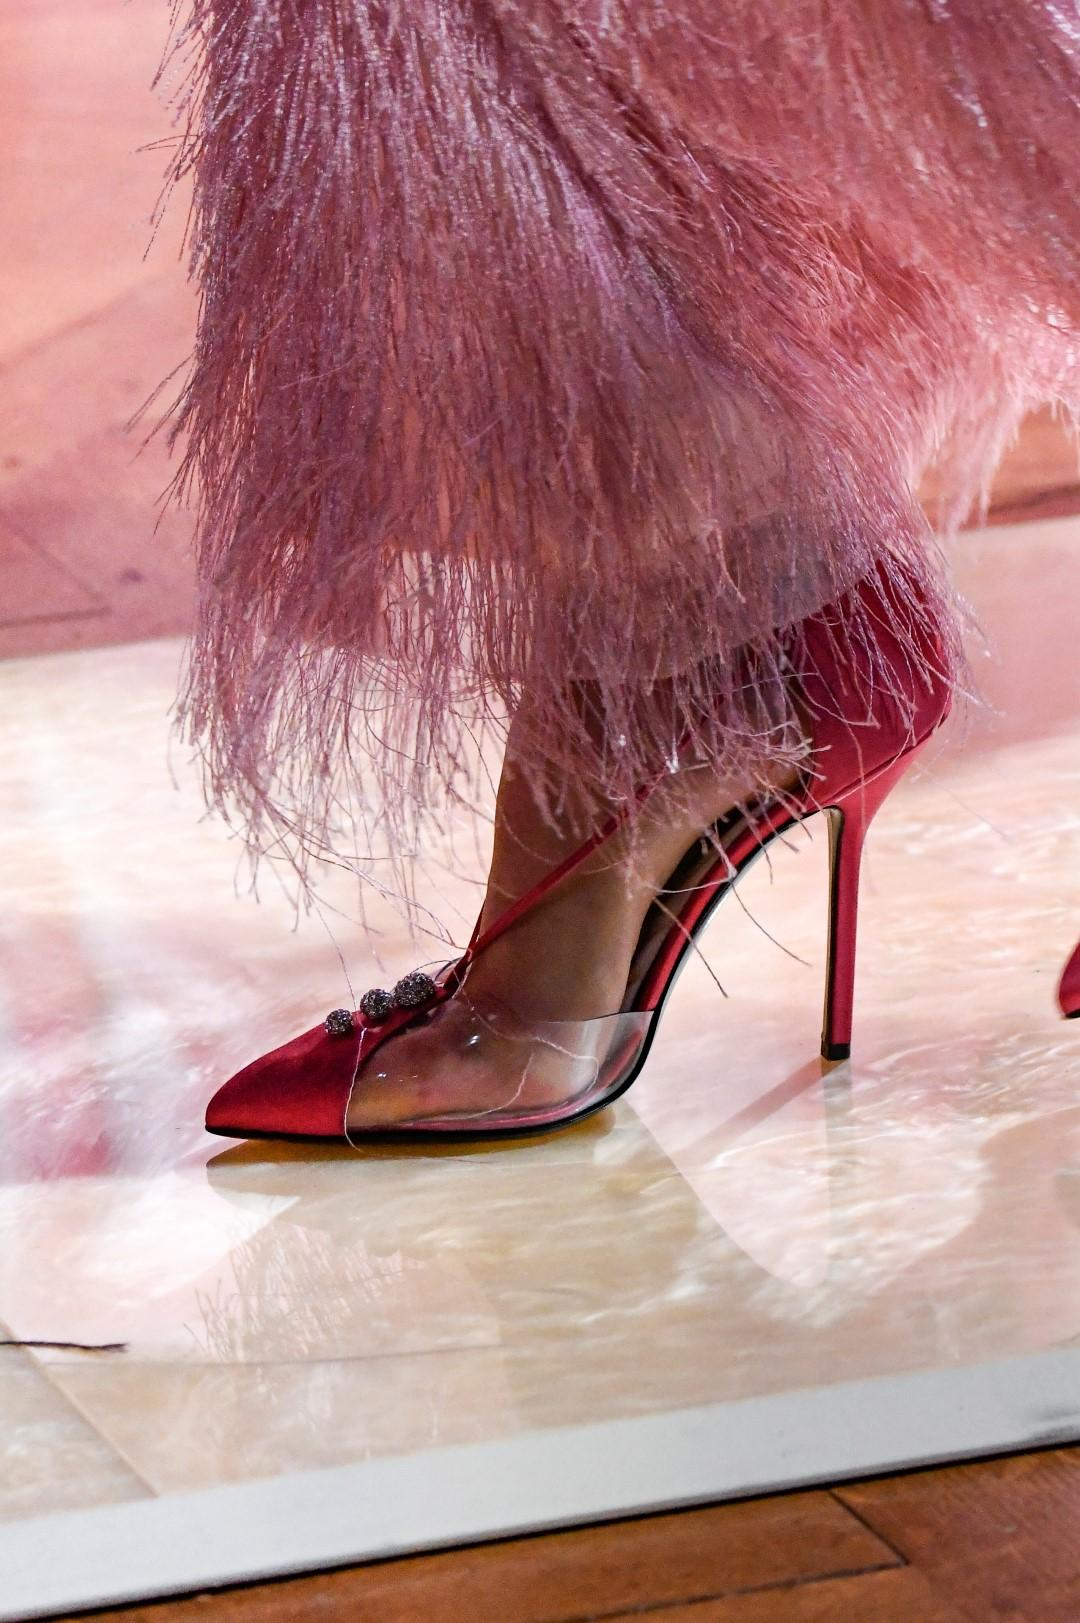 separation shoes cb69b 80cff Scarpe, modelli da sogno per una serata indimenticabile ...